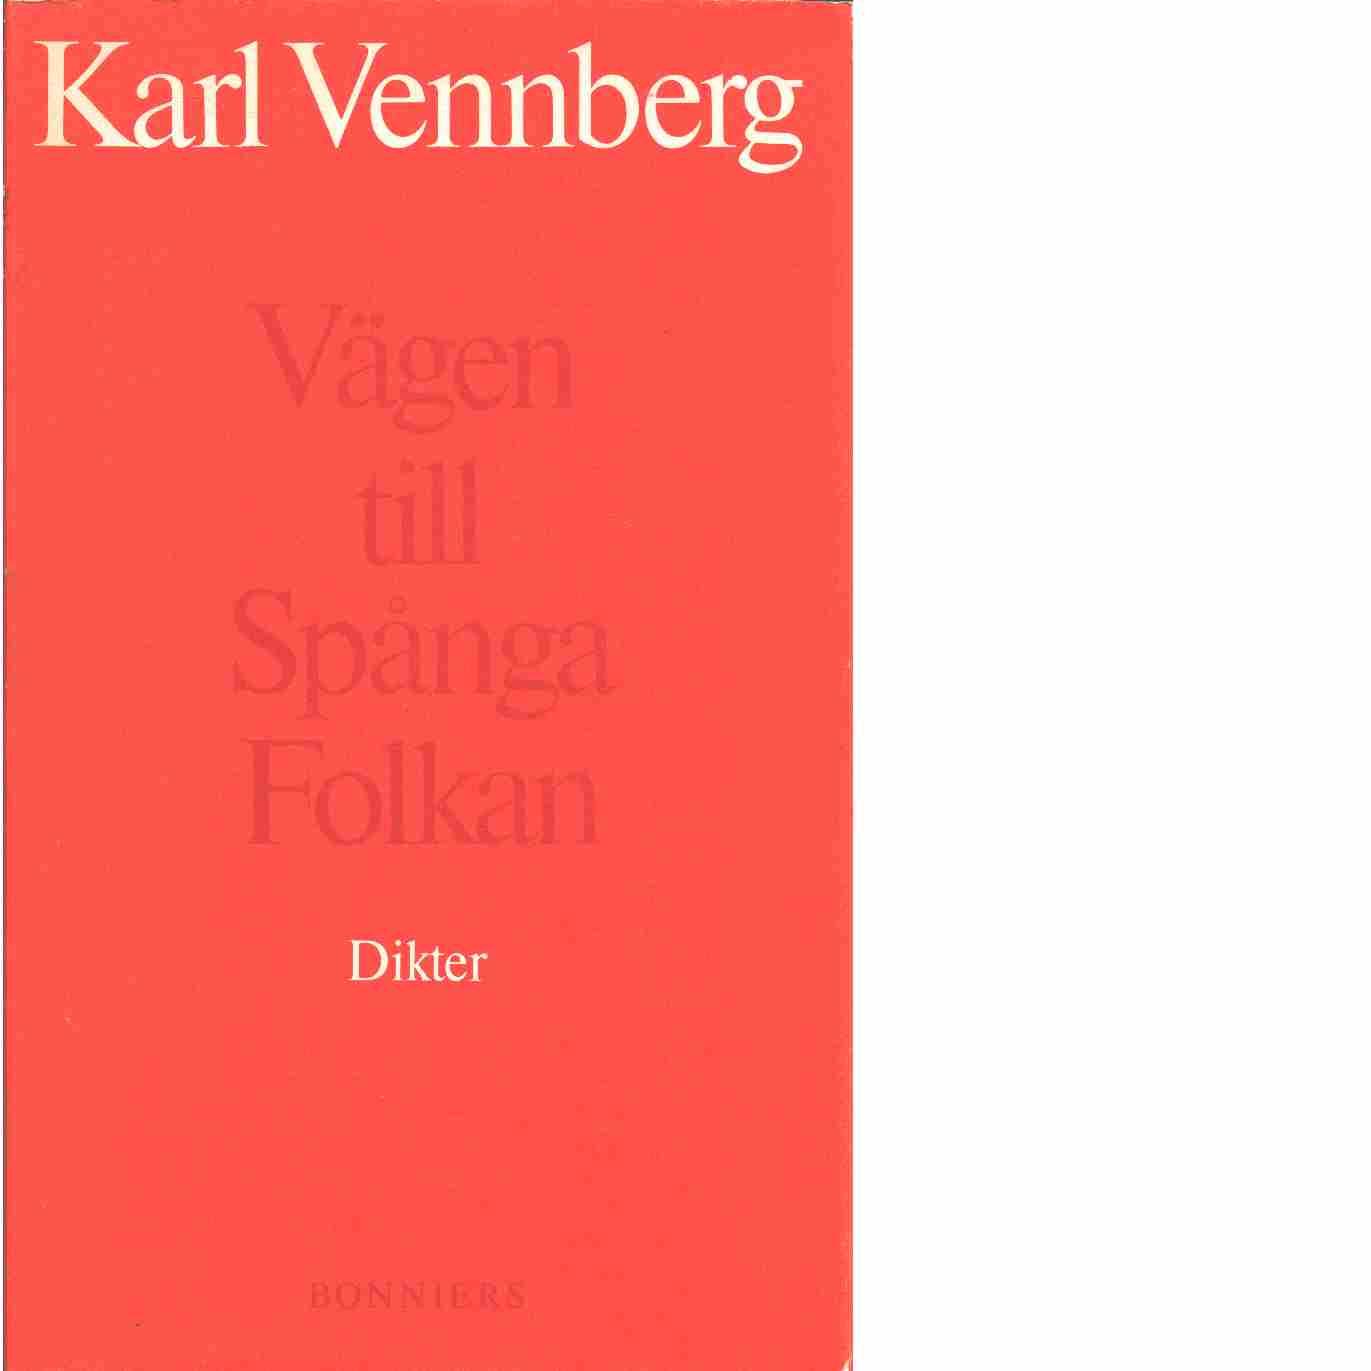 Vägen till Spånga Folkan  - Vennberg, Karl